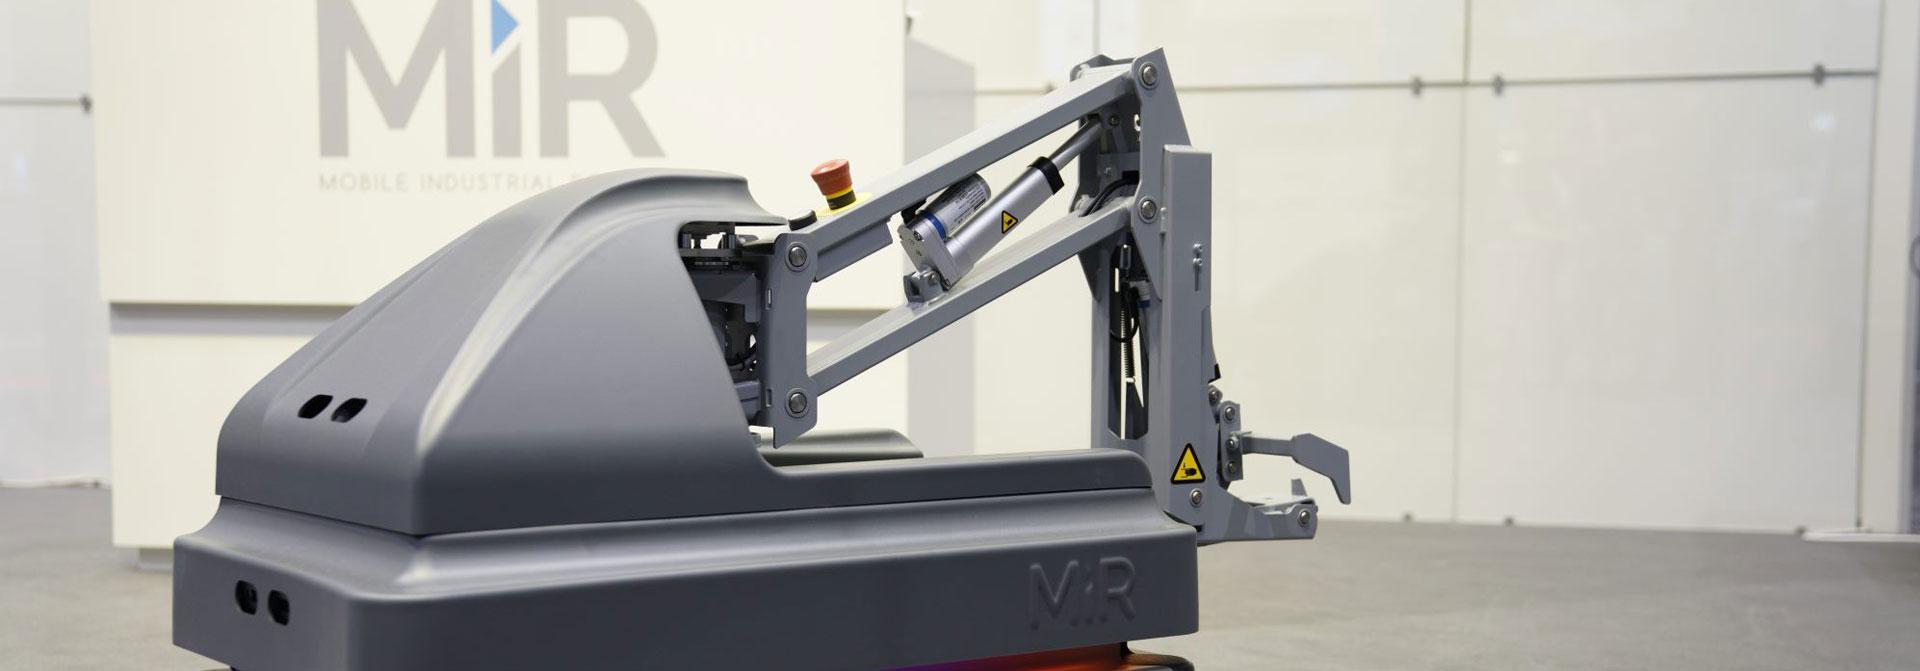 MiR Robot